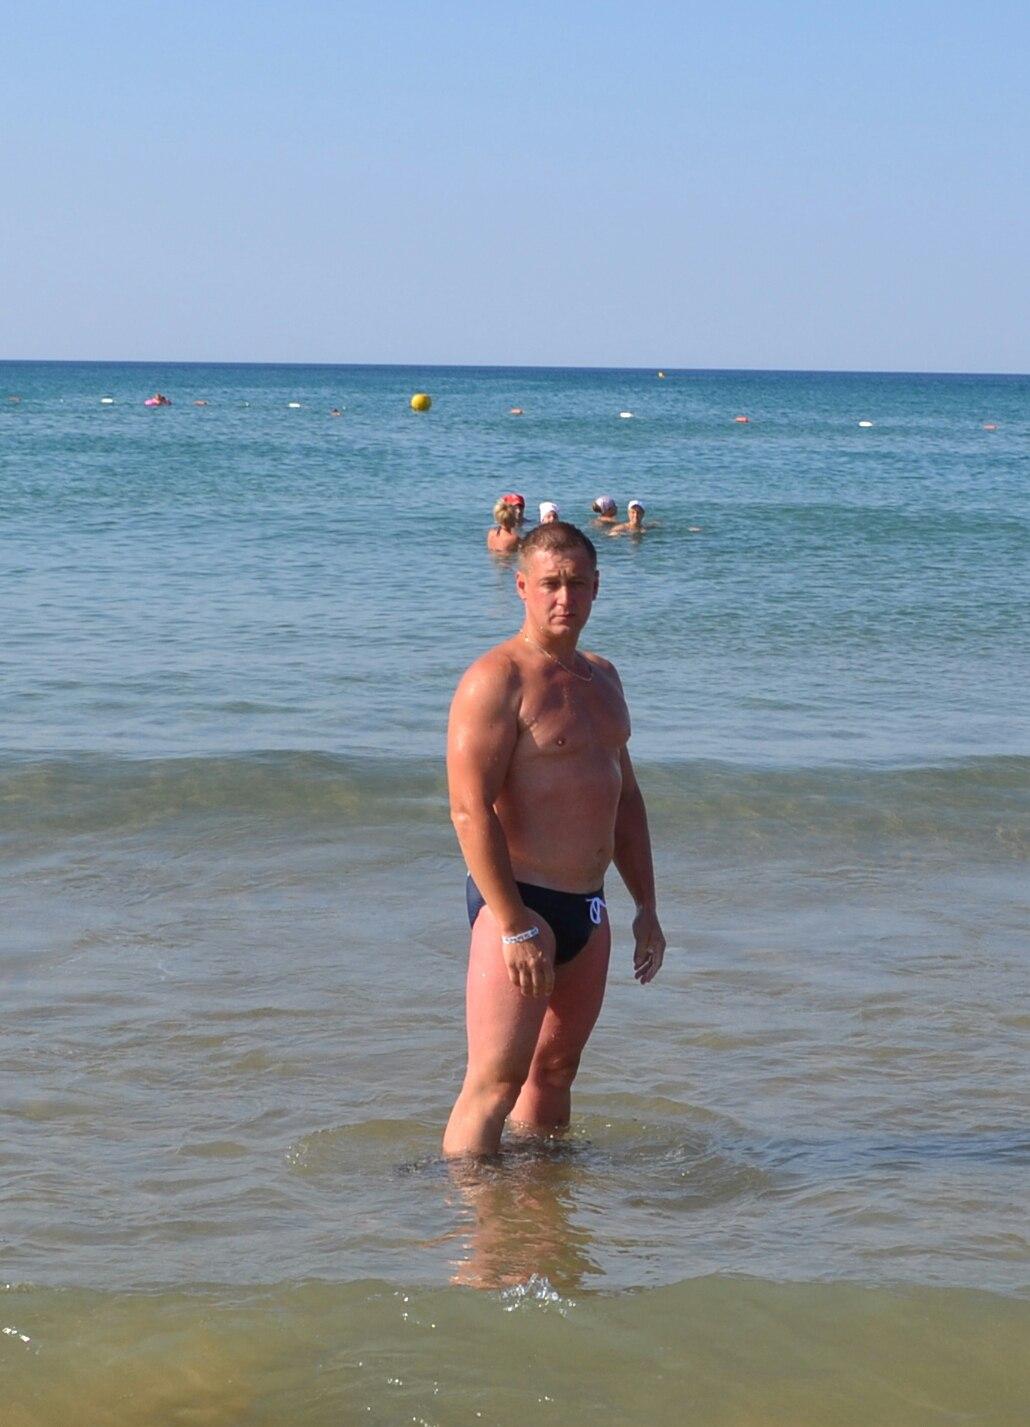 Фото мужчин 30 лет (17 фото) - Игорь, Москва